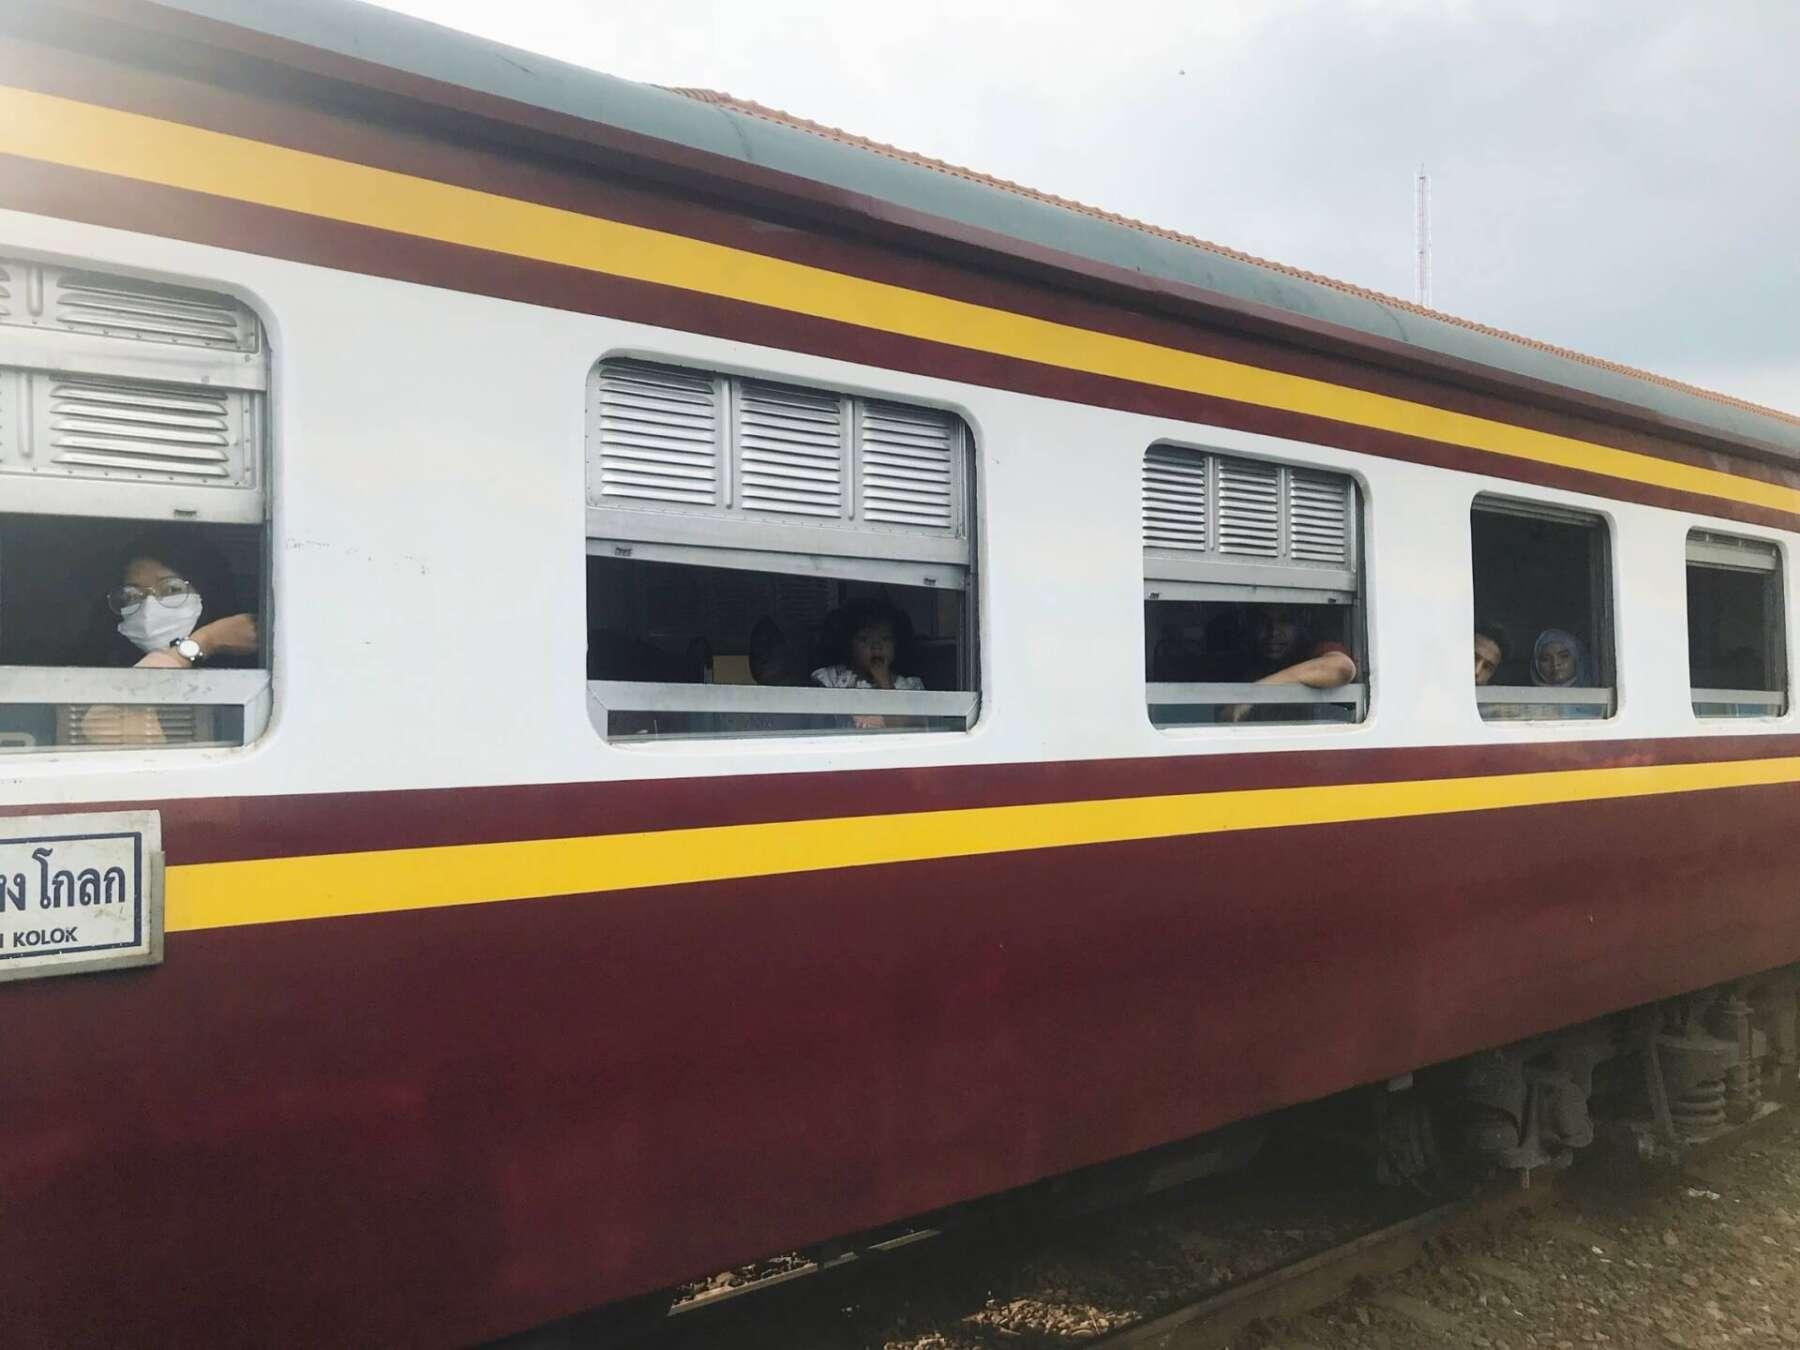 รถไฟ กรุงเทพหัวหิน ขบวนธรรมดา